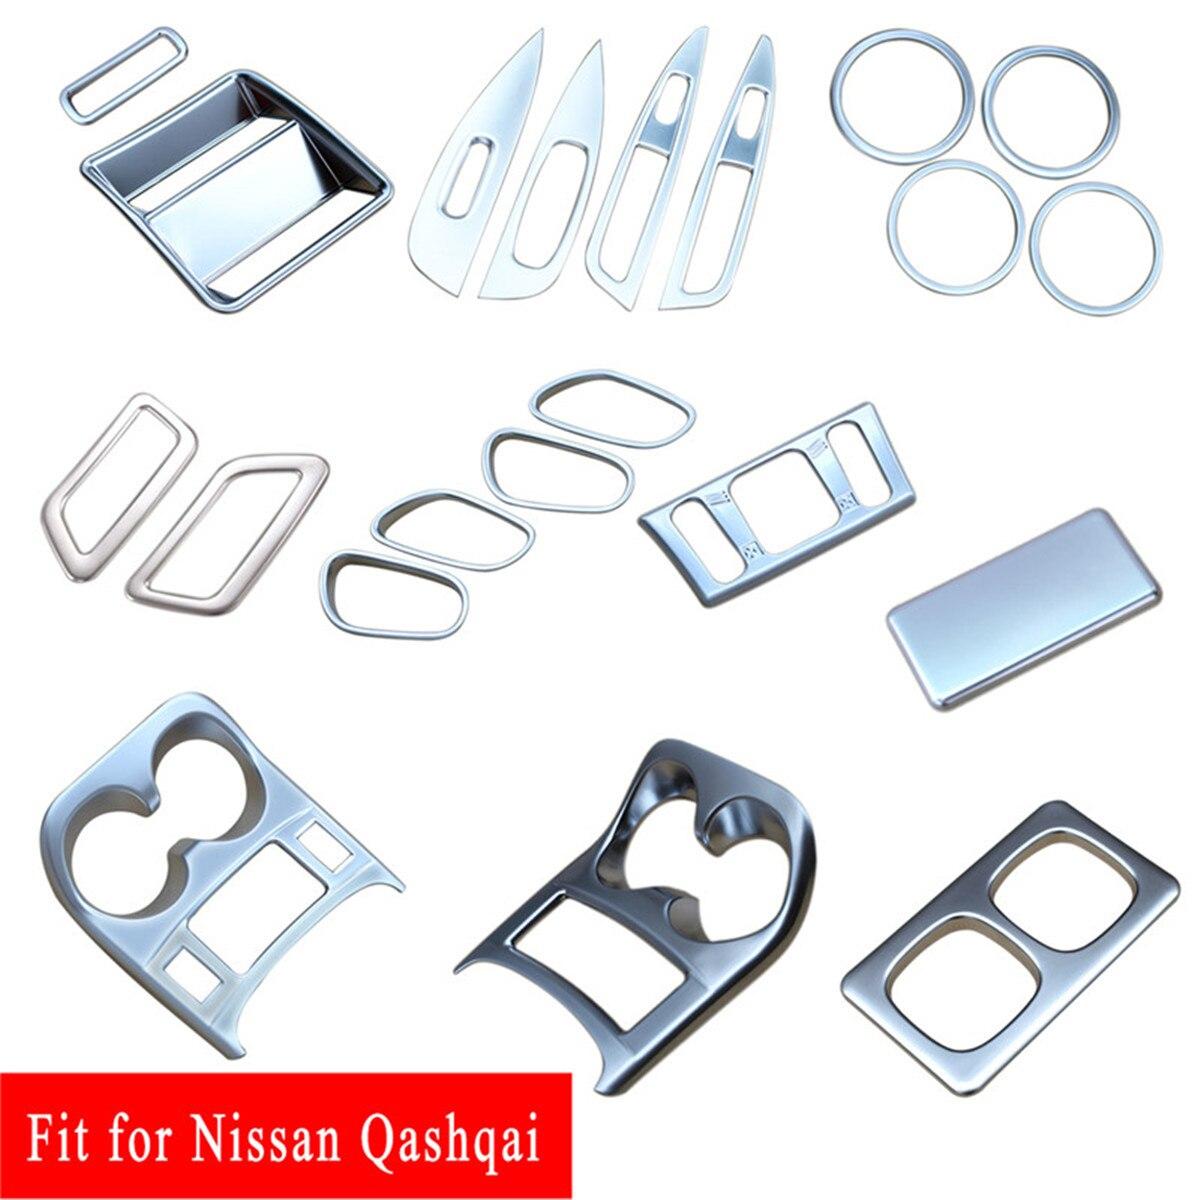 Accesorios cromados, Soporte para vasos, manija de puerta, cubierta de ventilación de aire, ajuste para Nissan Qashqai J11 2014 2015 2016 2017 2018 2019